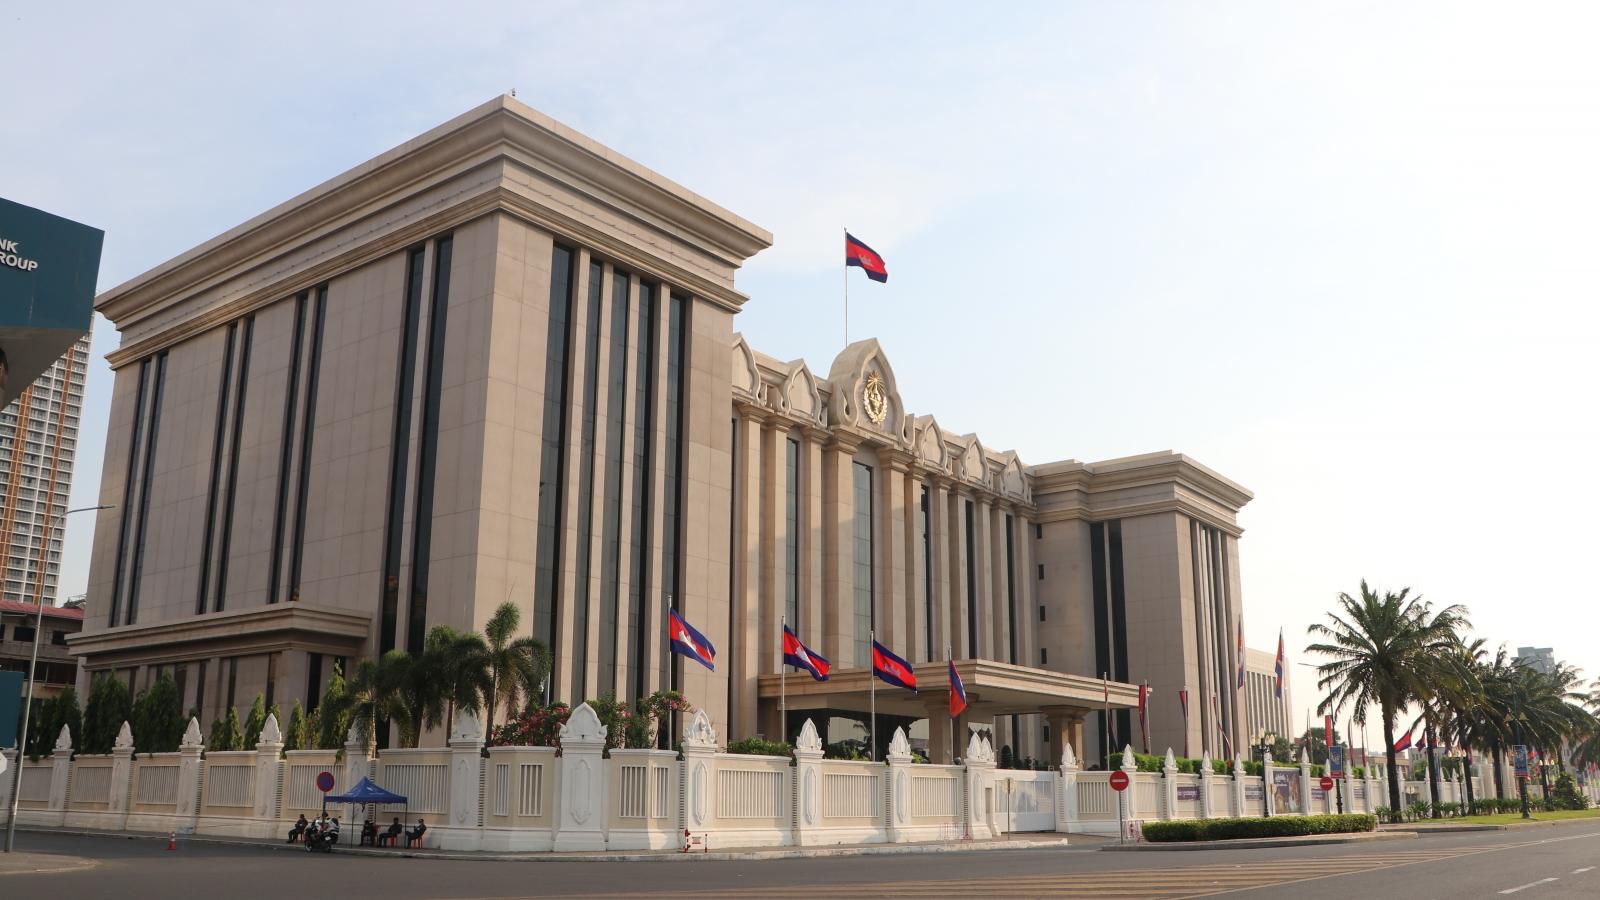 Campuchia dừng tuyển dụng đểtập trungchống Covid-19